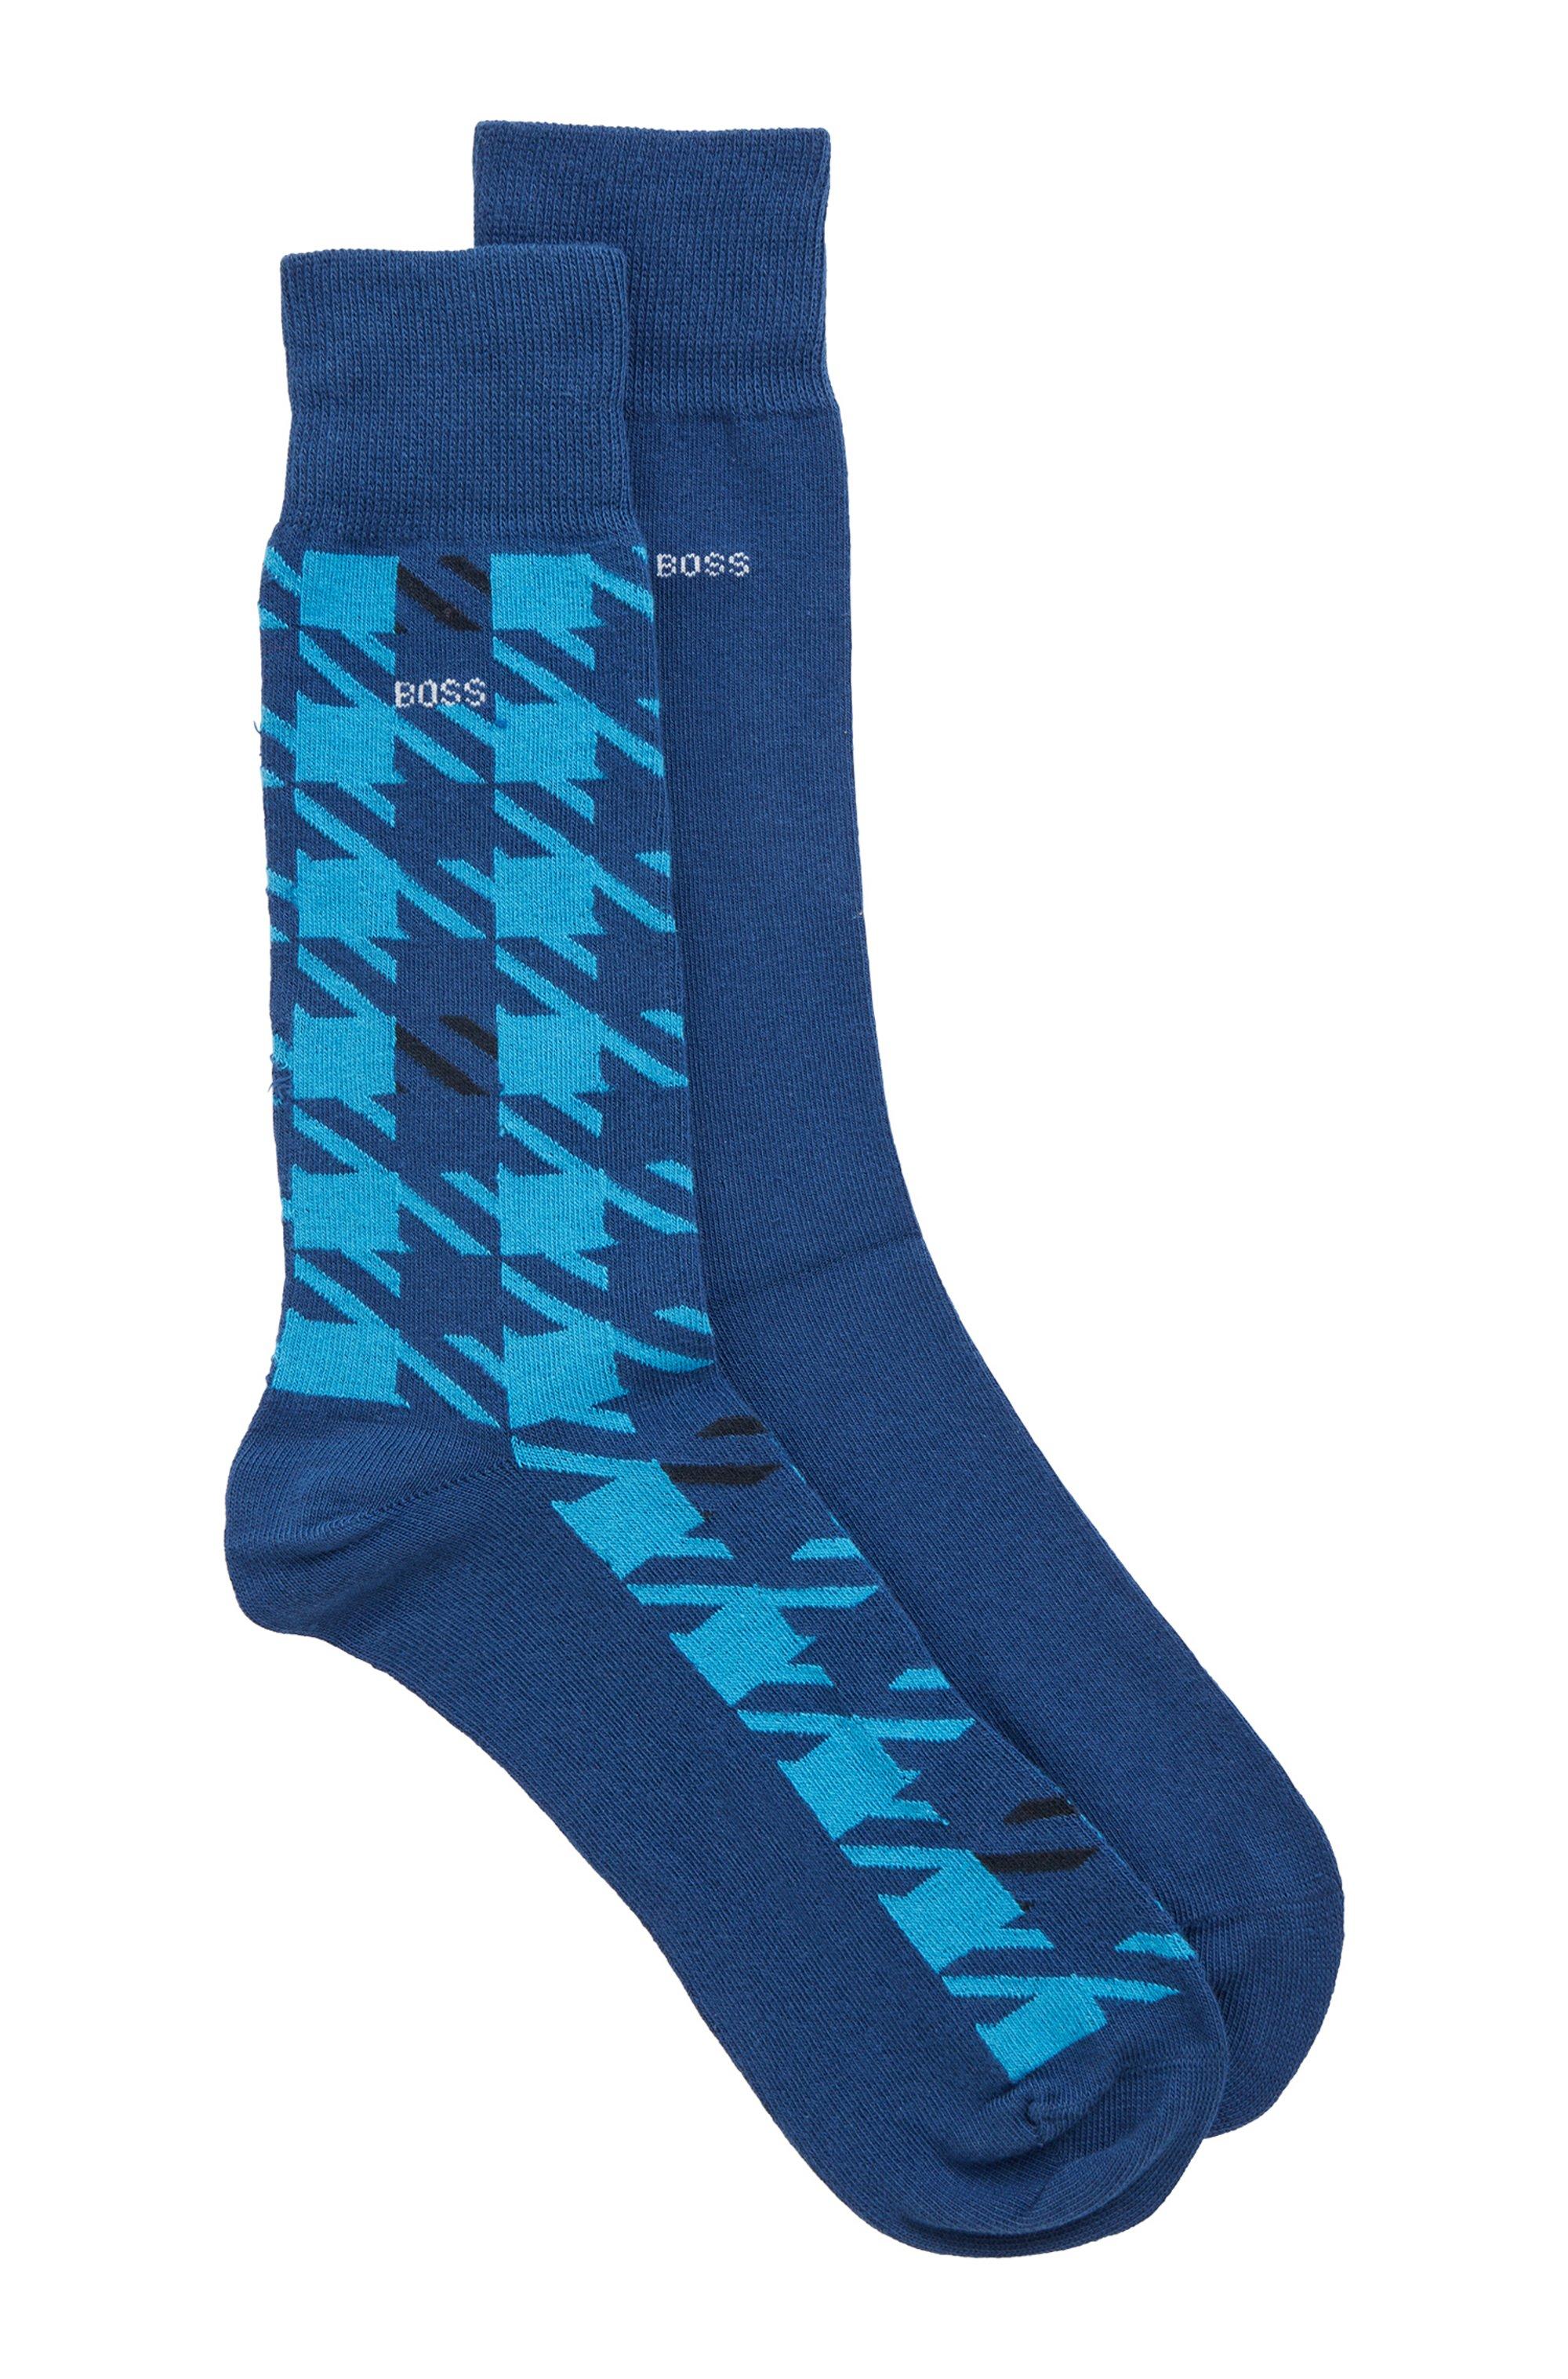 Lot de deux paires de chaussettes en coton mélangé peigné, bleu clair